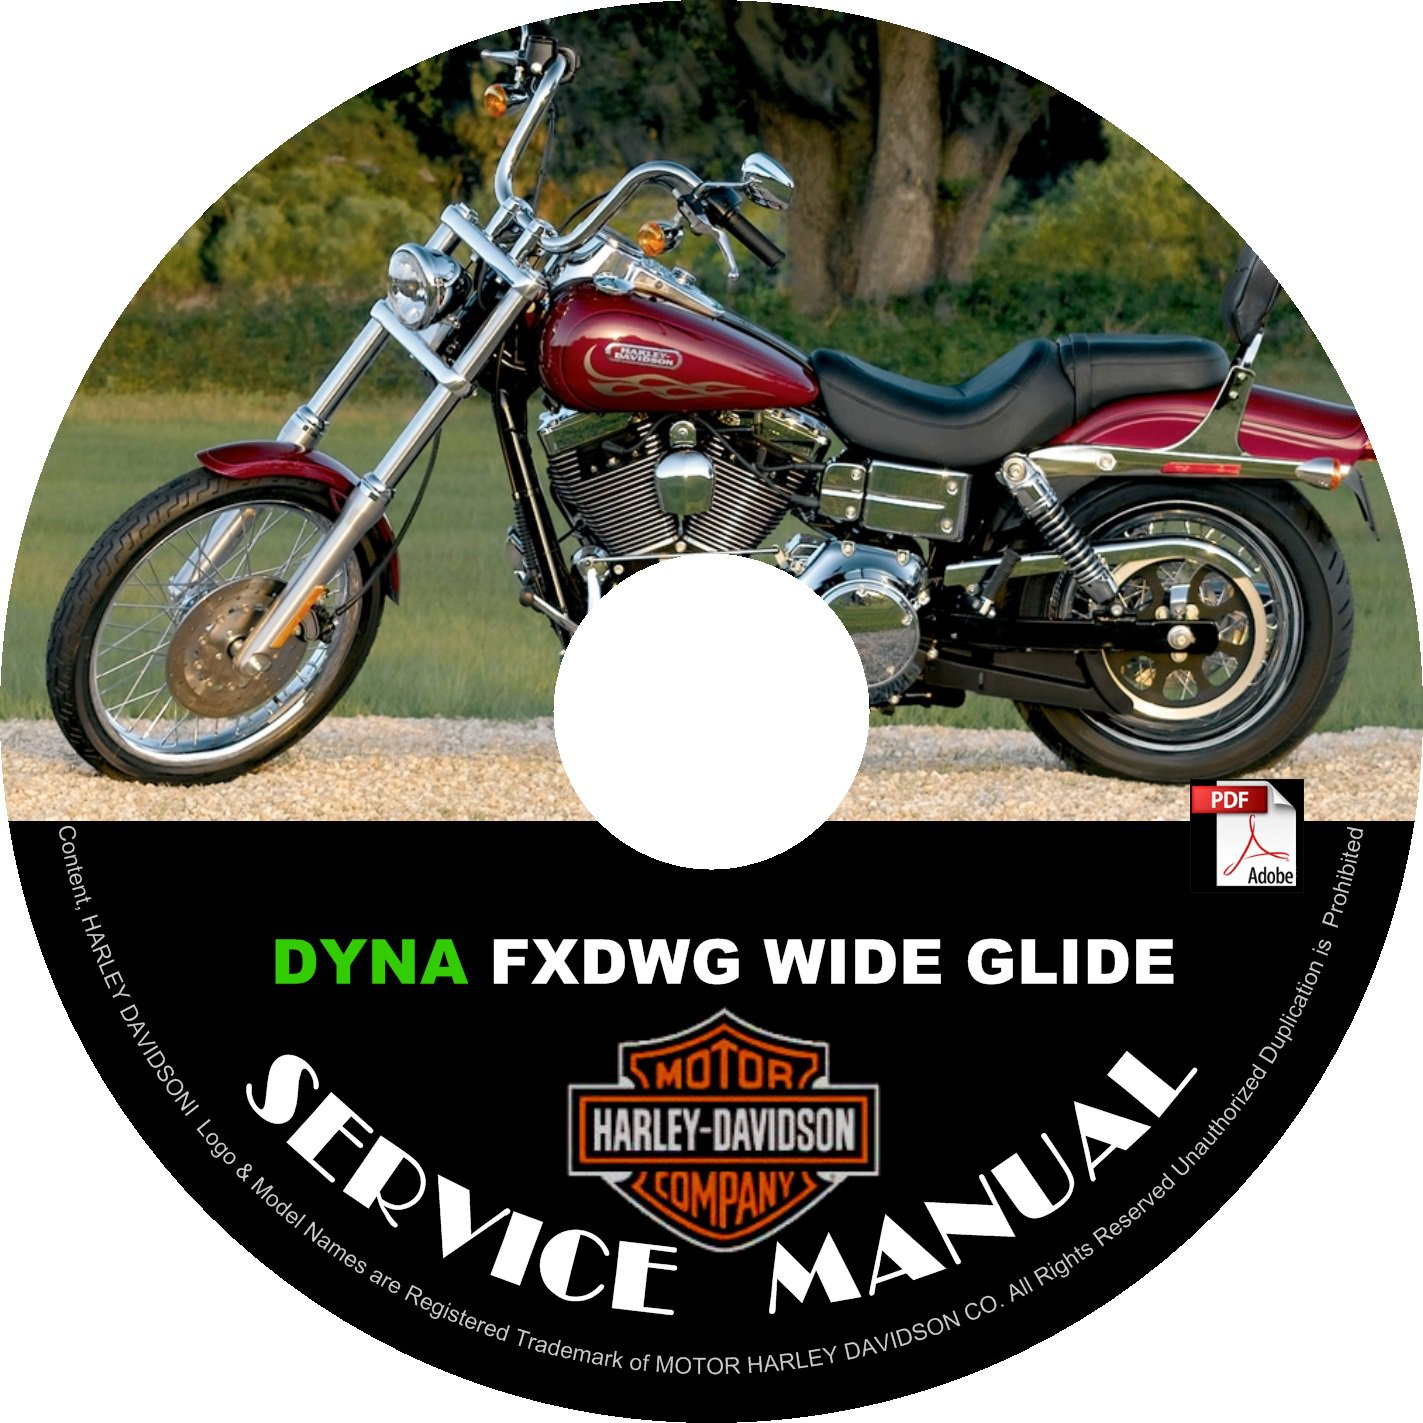 2000 Harley Davidson DYNA FXDWG Wide Glide Service Repair Shop Manual on CD '00 Fix Rebuild Workshop